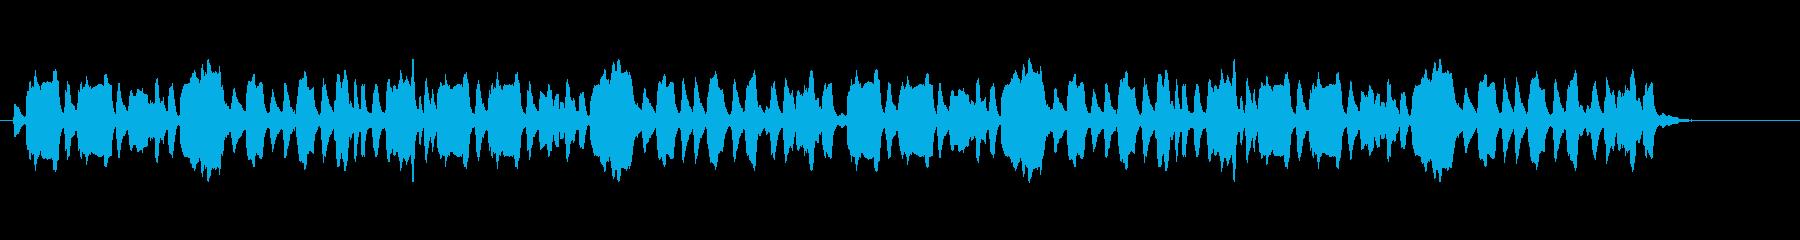 木管トリオによる爽やかな透明の空気の再生済みの波形